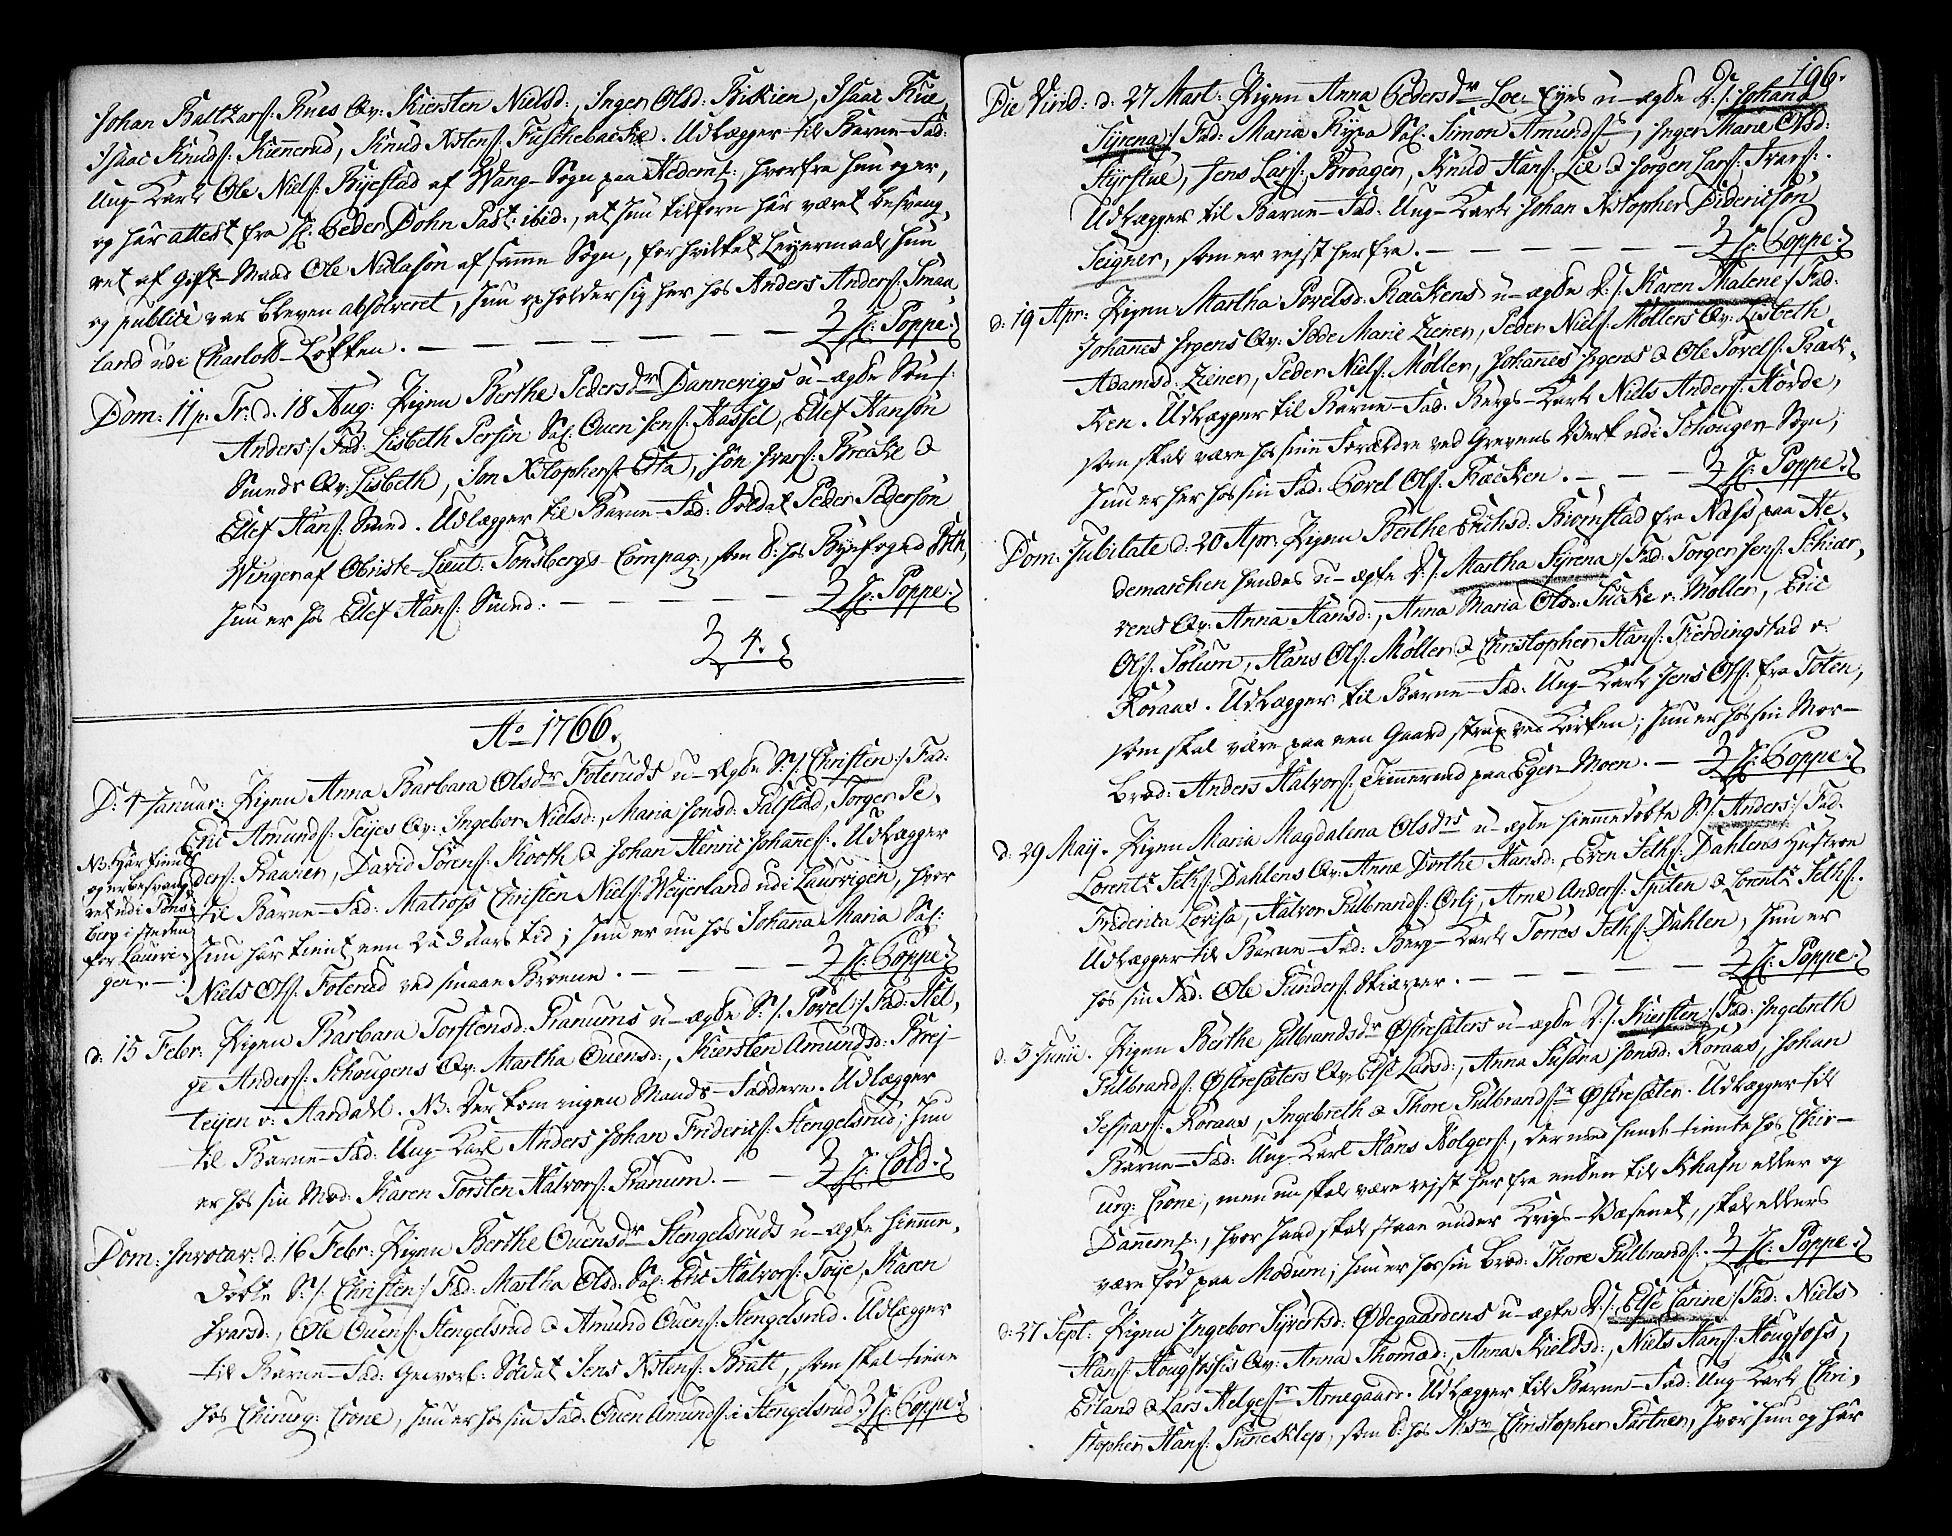 SAKO, Kongsberg kirkebøker, F/Fa/L0004: Ministerialbok nr. I 4, 1756-1768, s. 196